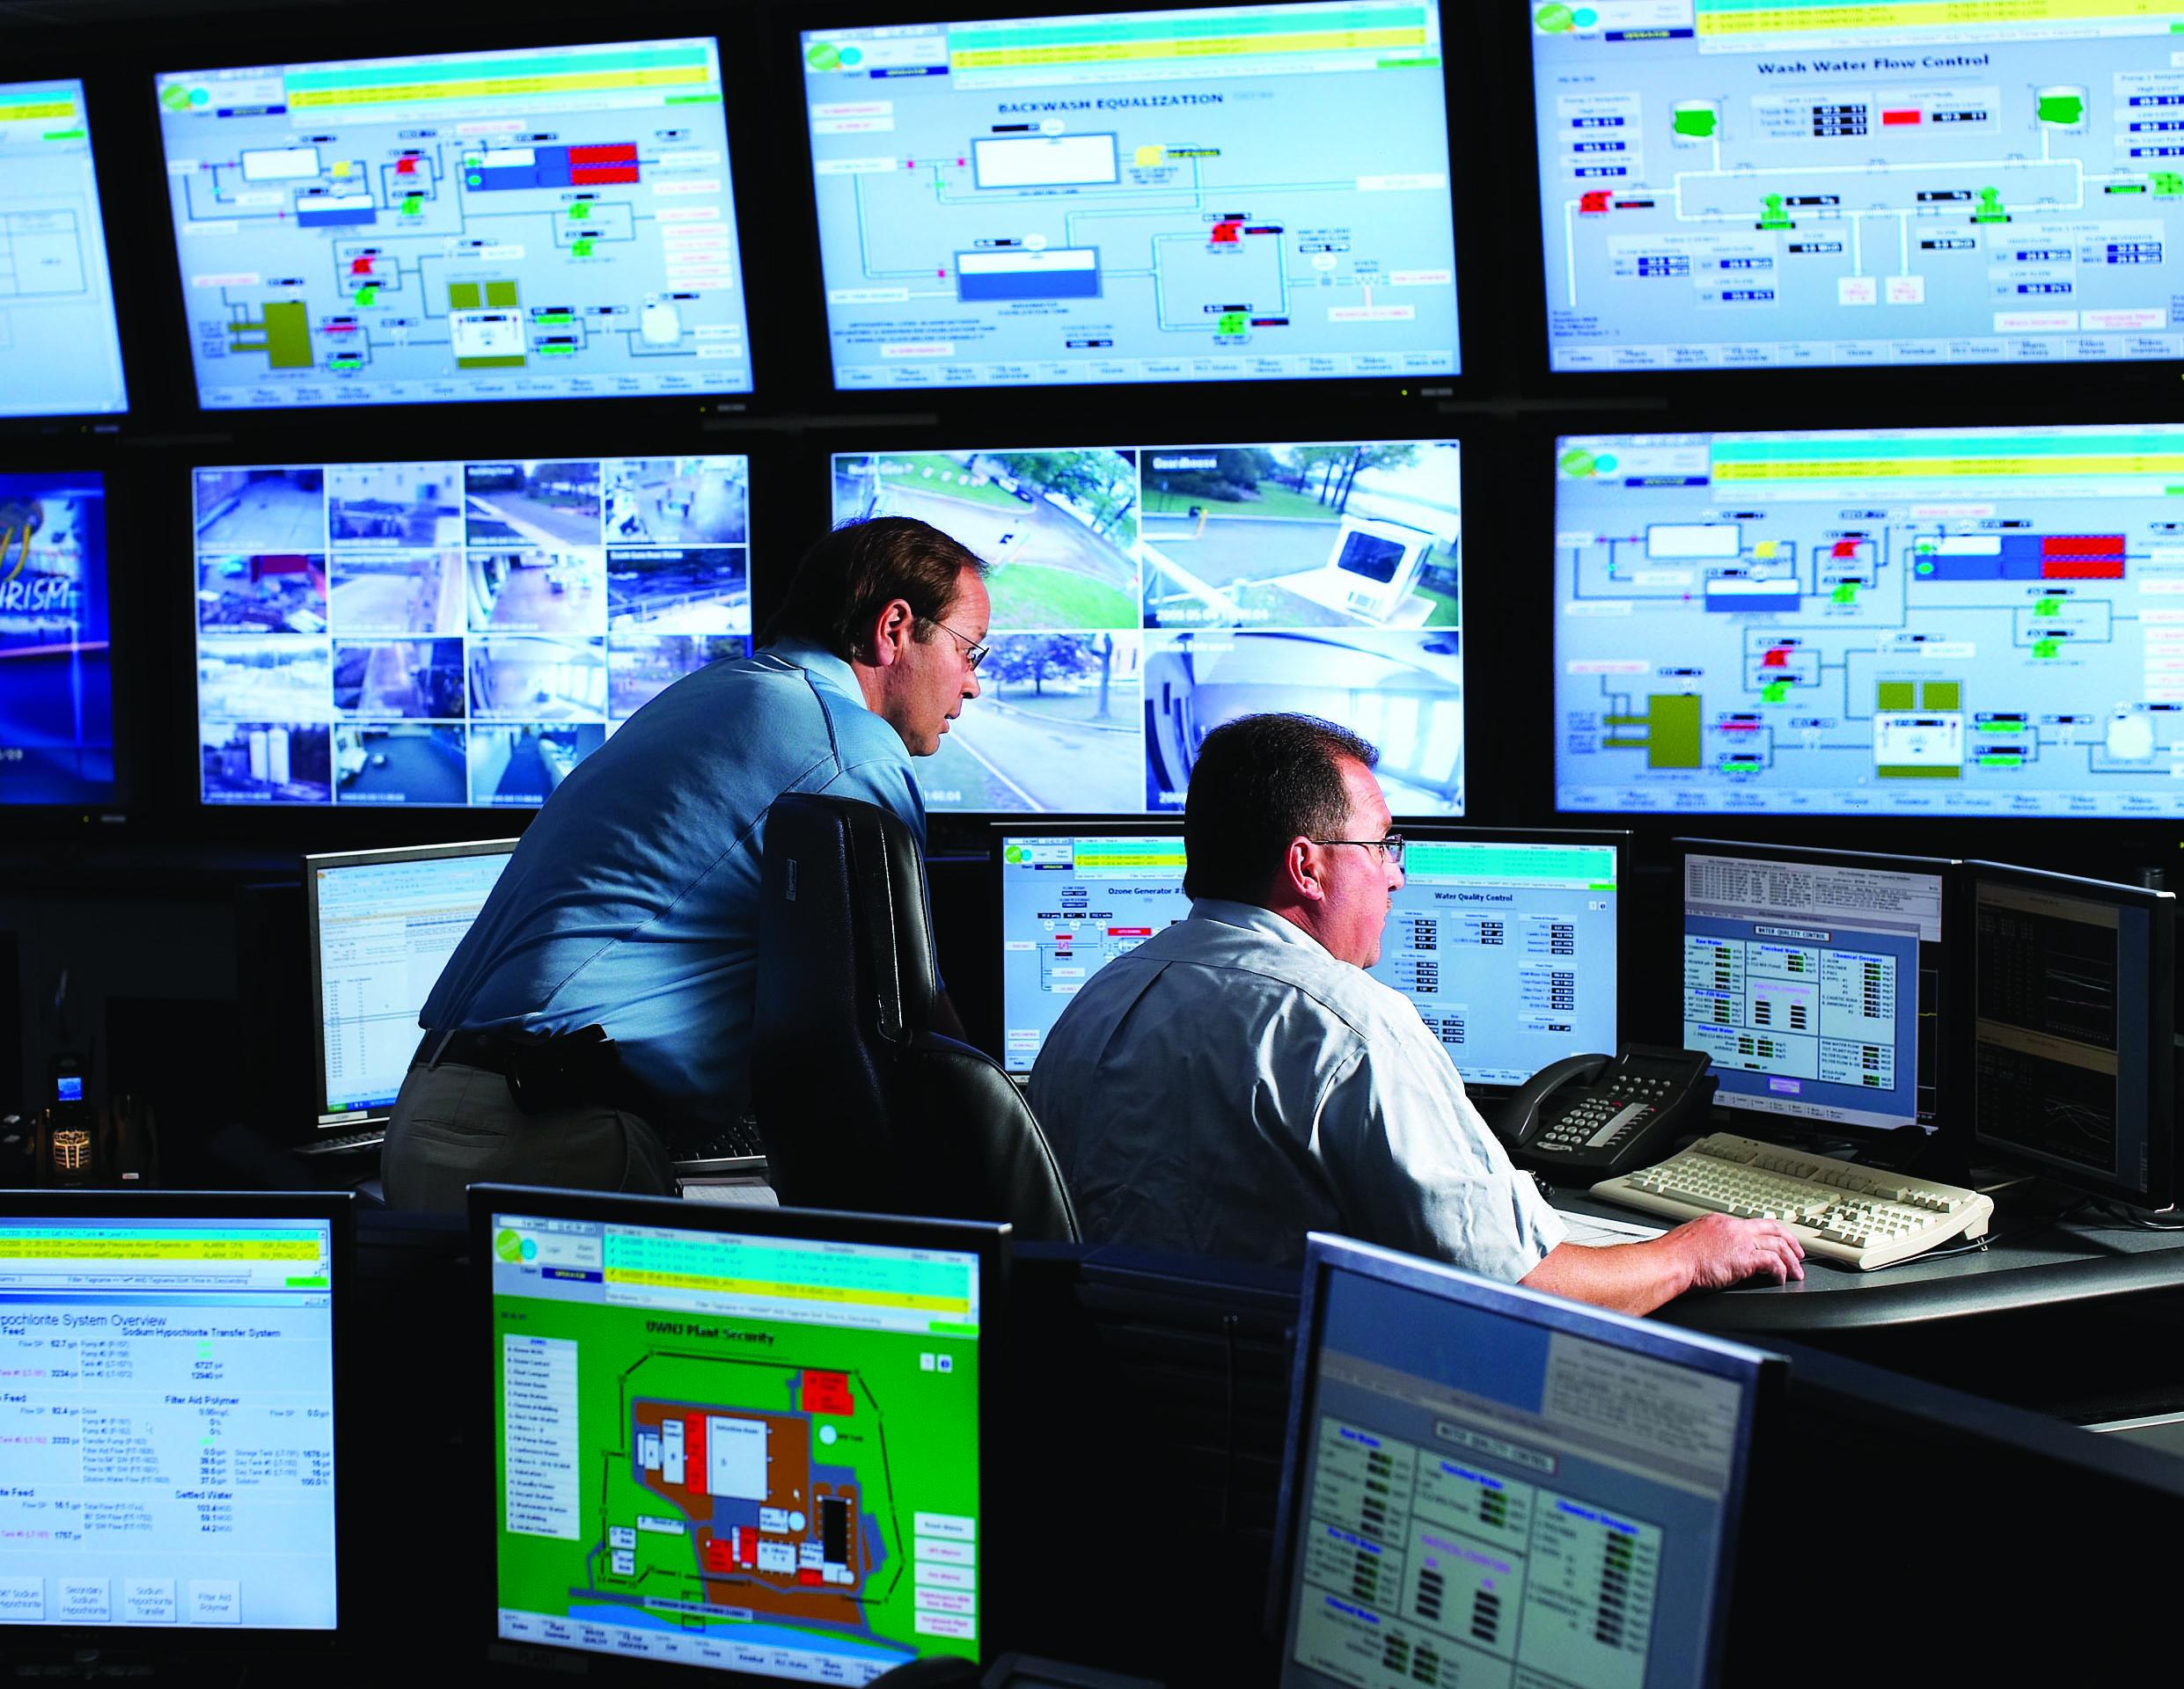 Компьютерная сеть европейского предприятия по водоснабжению оказалась заражена вирусом-майнером